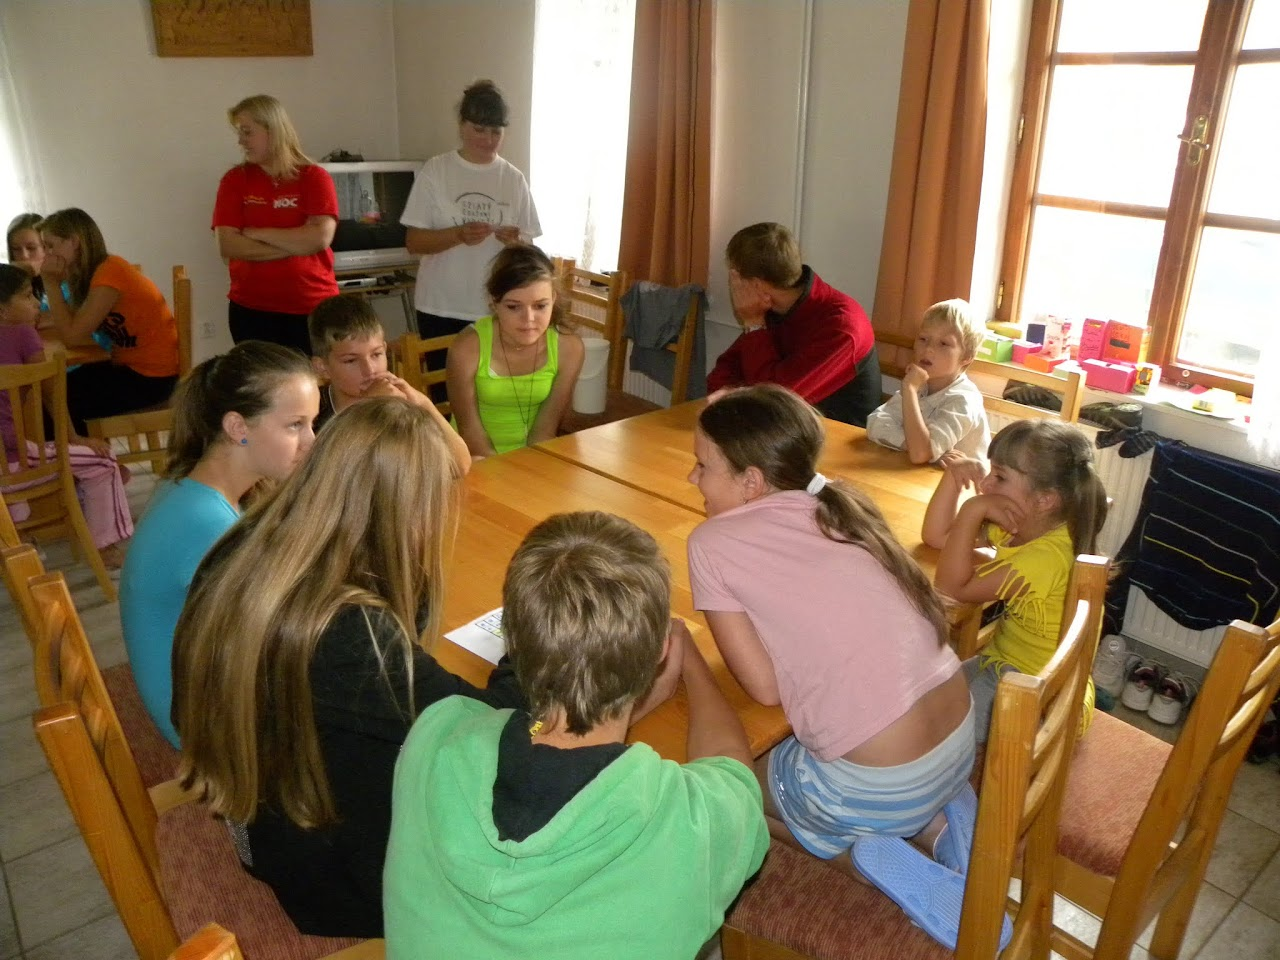 Tábor - Veľké Karlovice - fotka 288.JPG